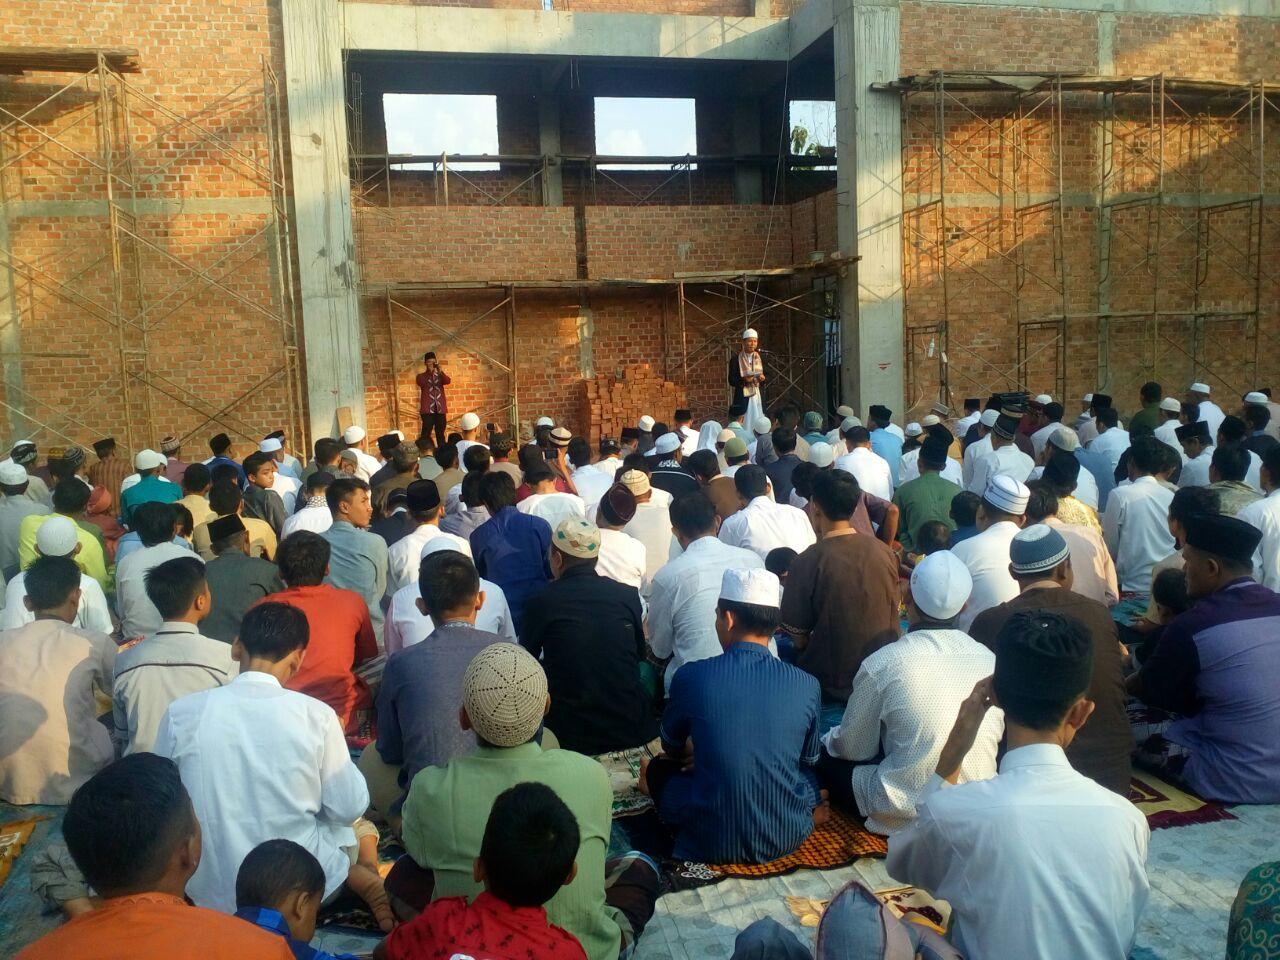 Khatib Idul Fitri Ponpes Al-Fatah Muhajirun Serukan Umat Islam Peduli Sesama